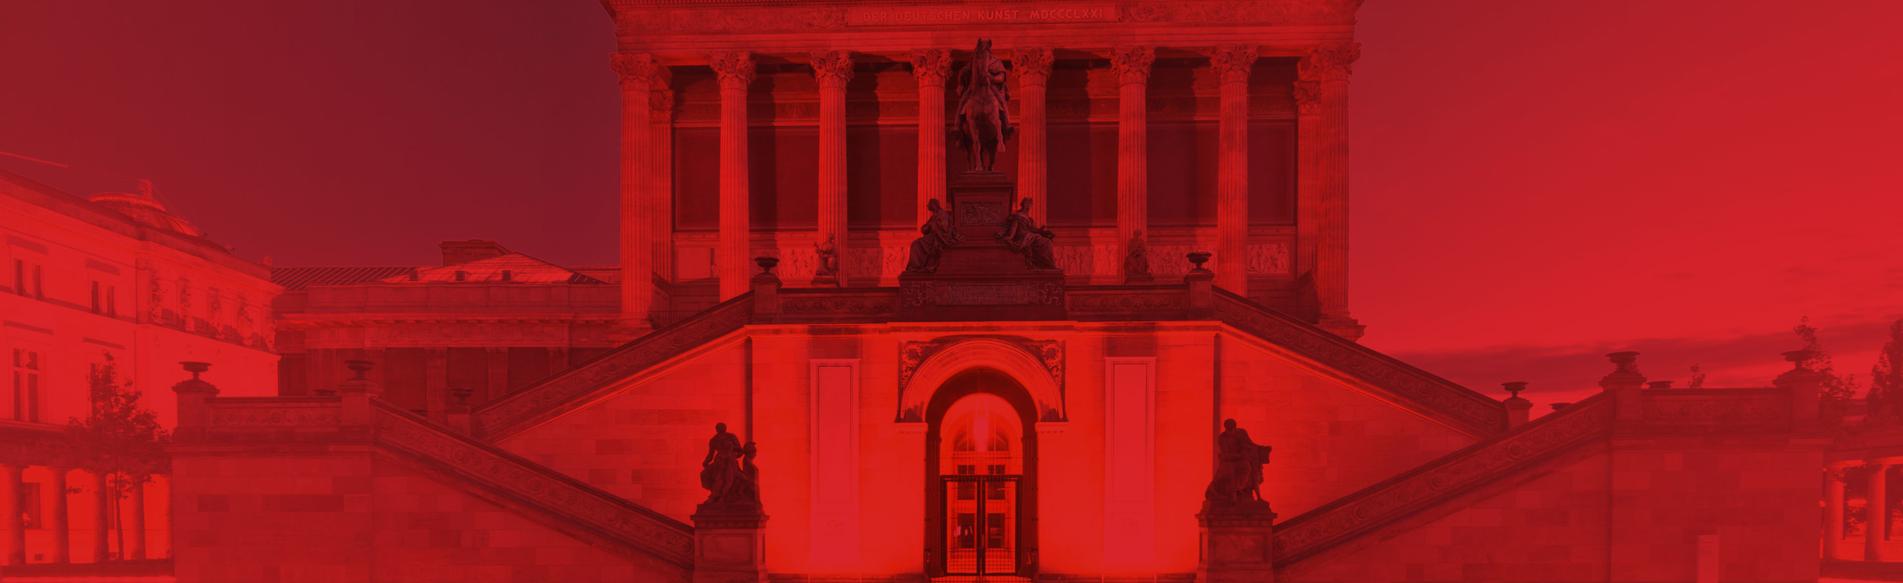 museen in berlin bersicht der museen in berlin. Black Bedroom Furniture Sets. Home Design Ideas